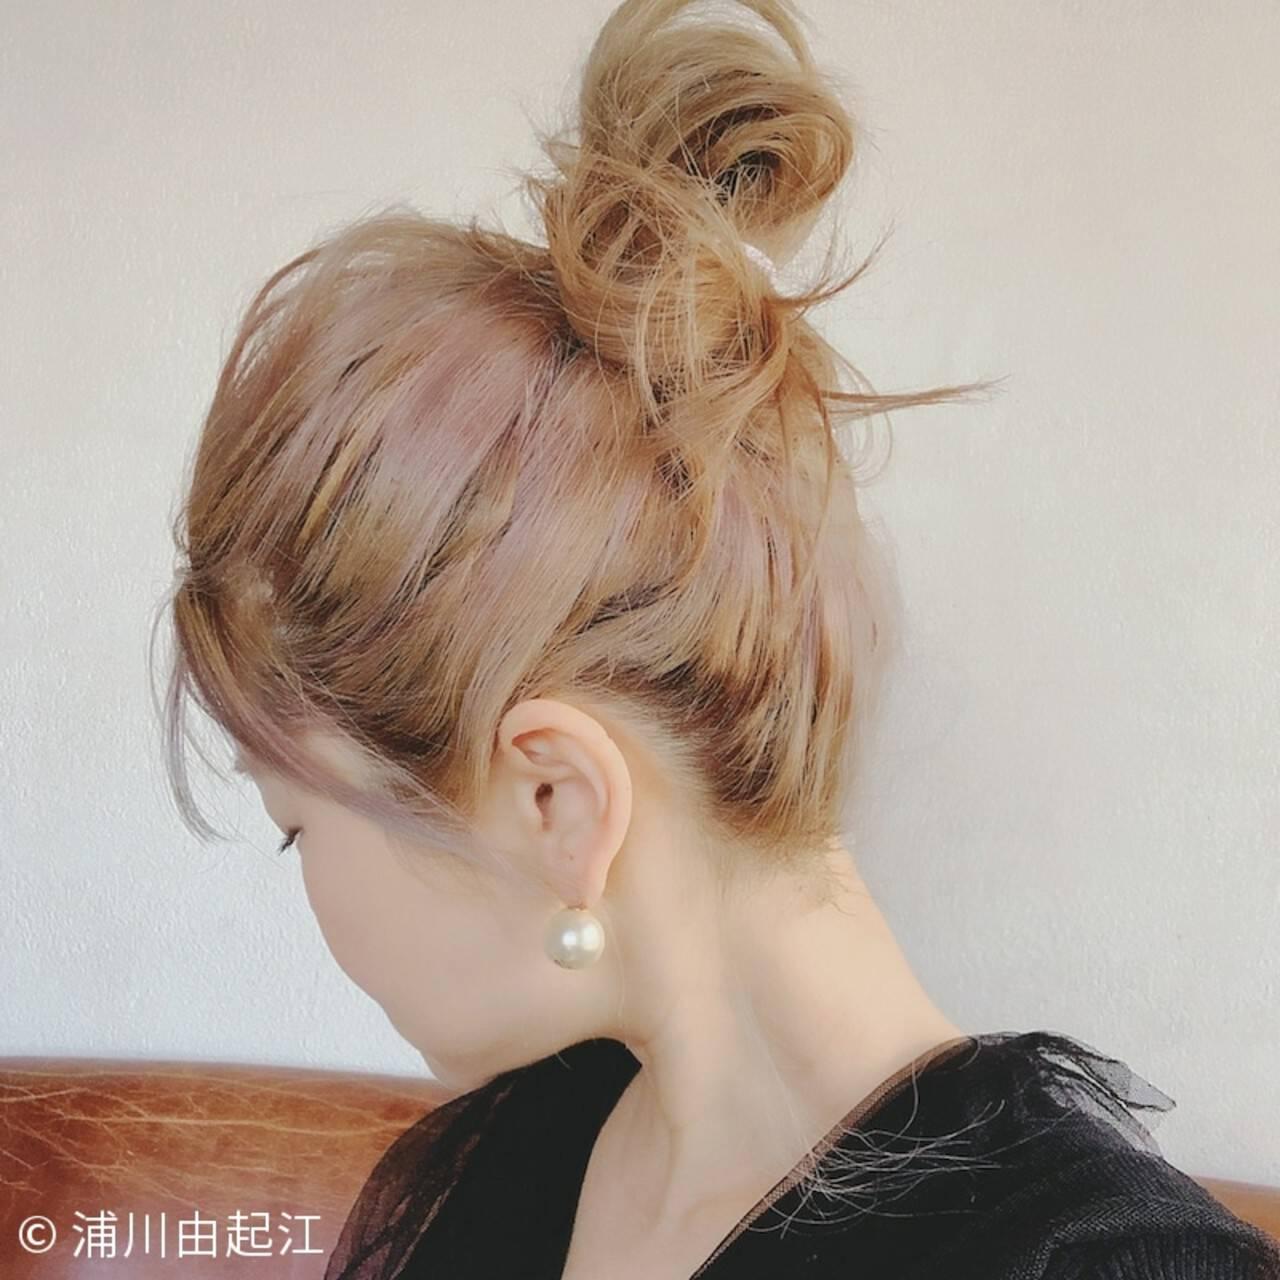 アンニュイほつれヘア ゆるふわ ナチュラル ハイライトヘアスタイルや髪型の写真・画像